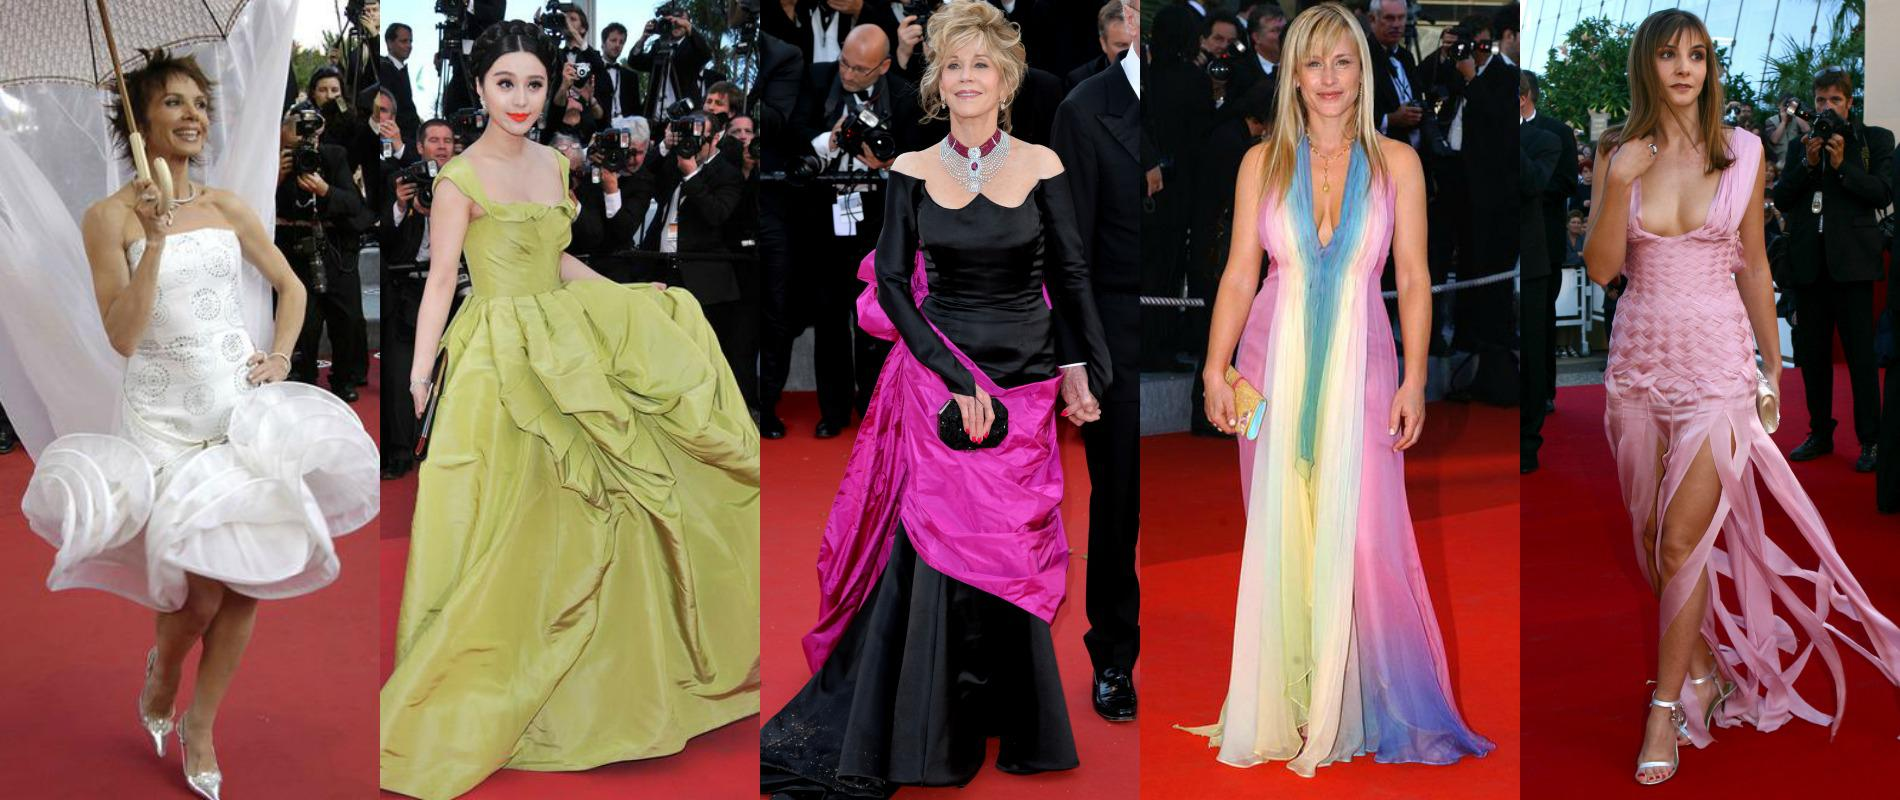 Les Pires Looks De Stars Sur Le Tapis Rouge De Cannes Voyage Actus